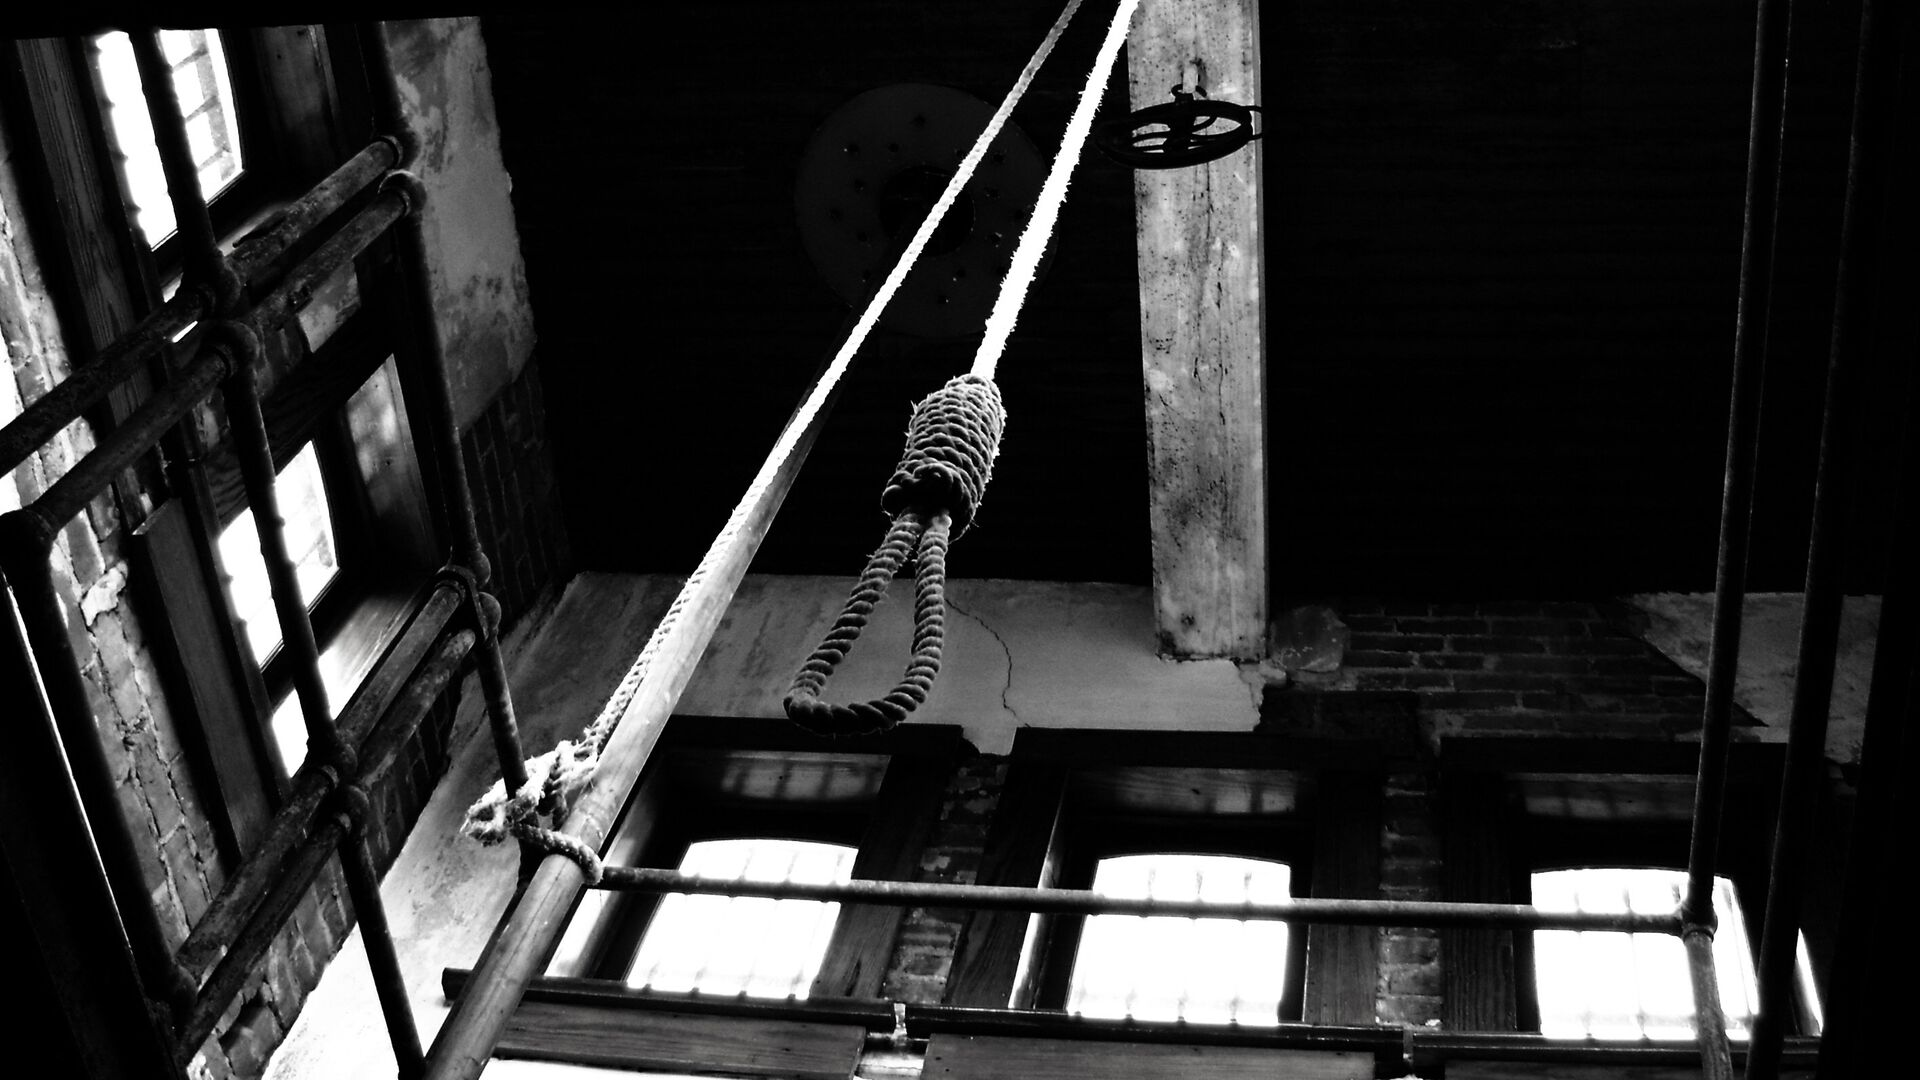 Kara śmierci przez powieszenie  - Sputnik Polska, 1920, 28.09.2021